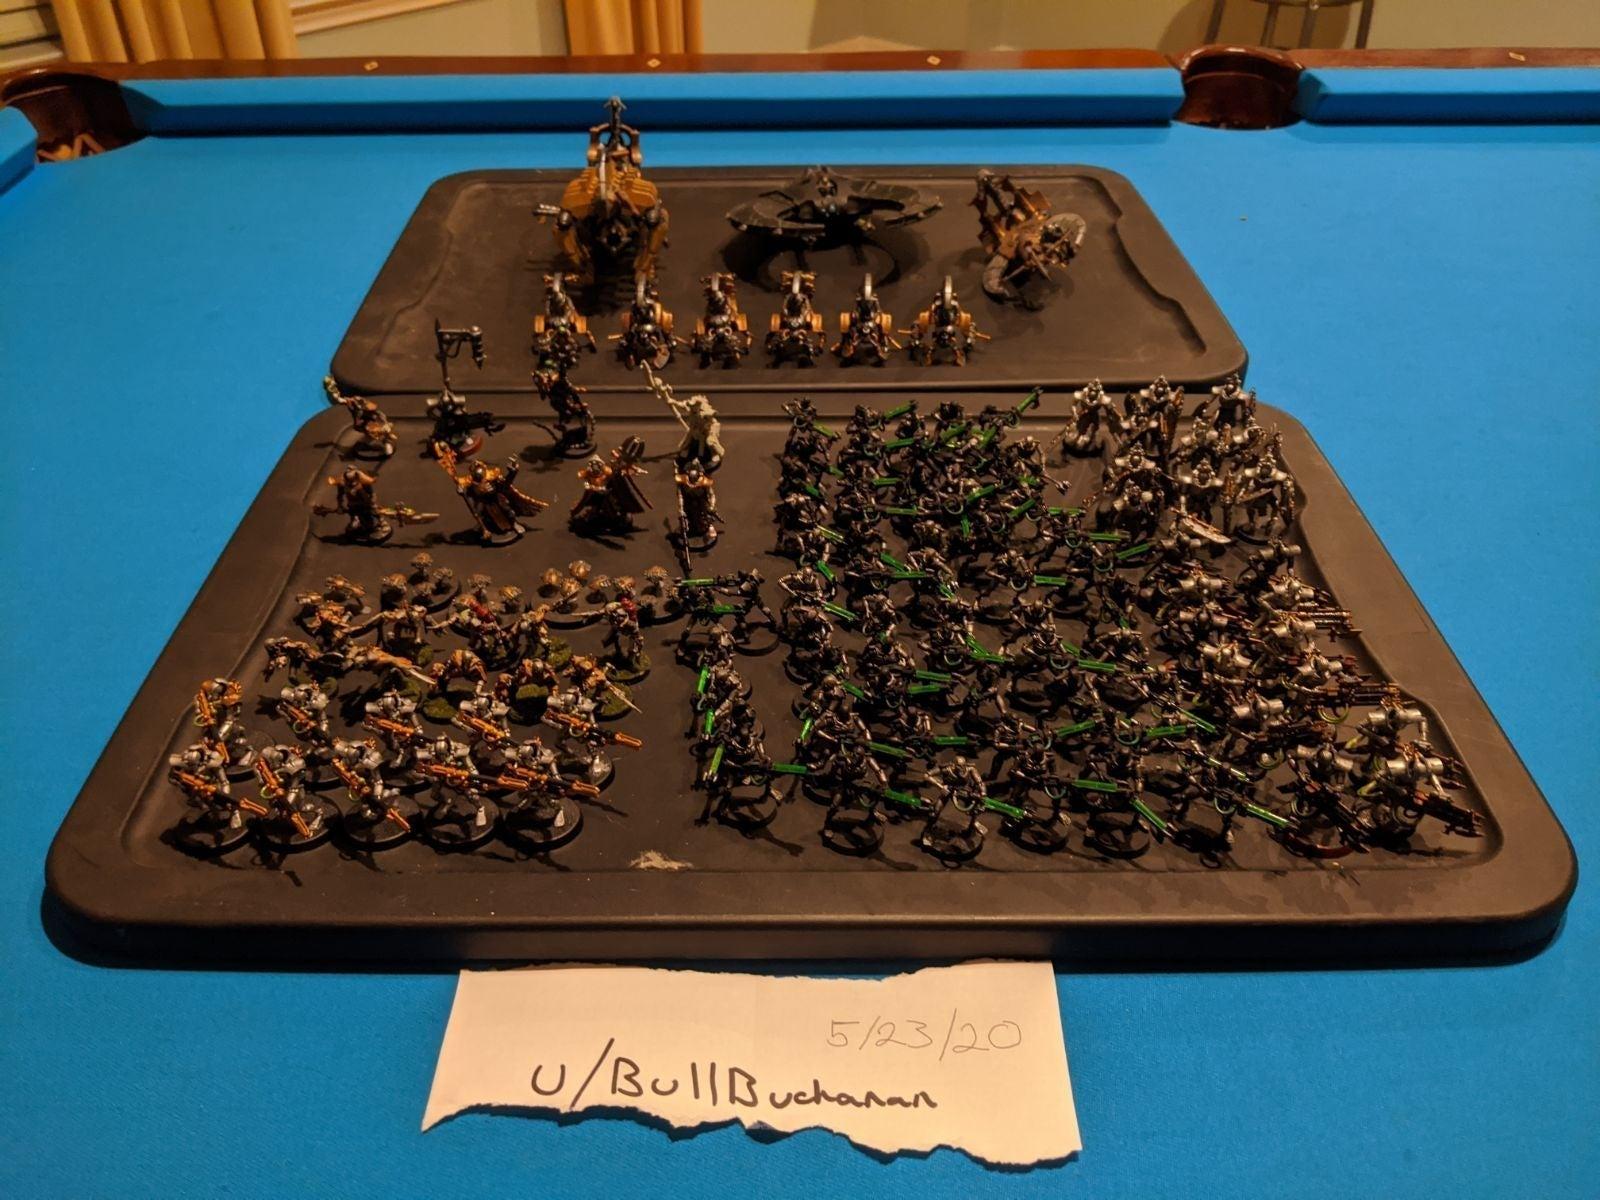 Painted Necron Warhammer 40k army